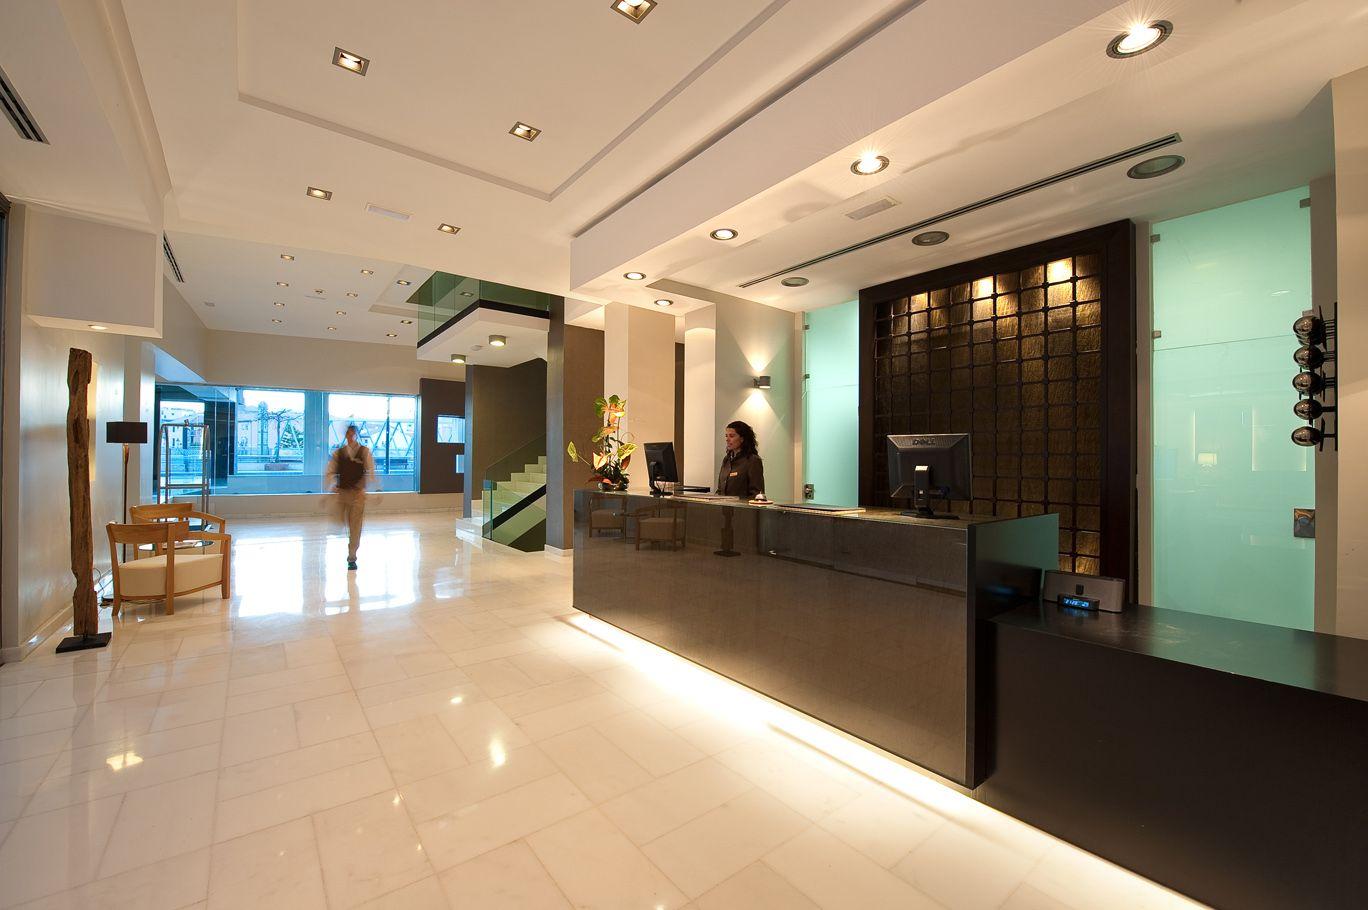 Recepci n espacio di fano minimalista y donde se emplea for Hoteles minimalistas en espana